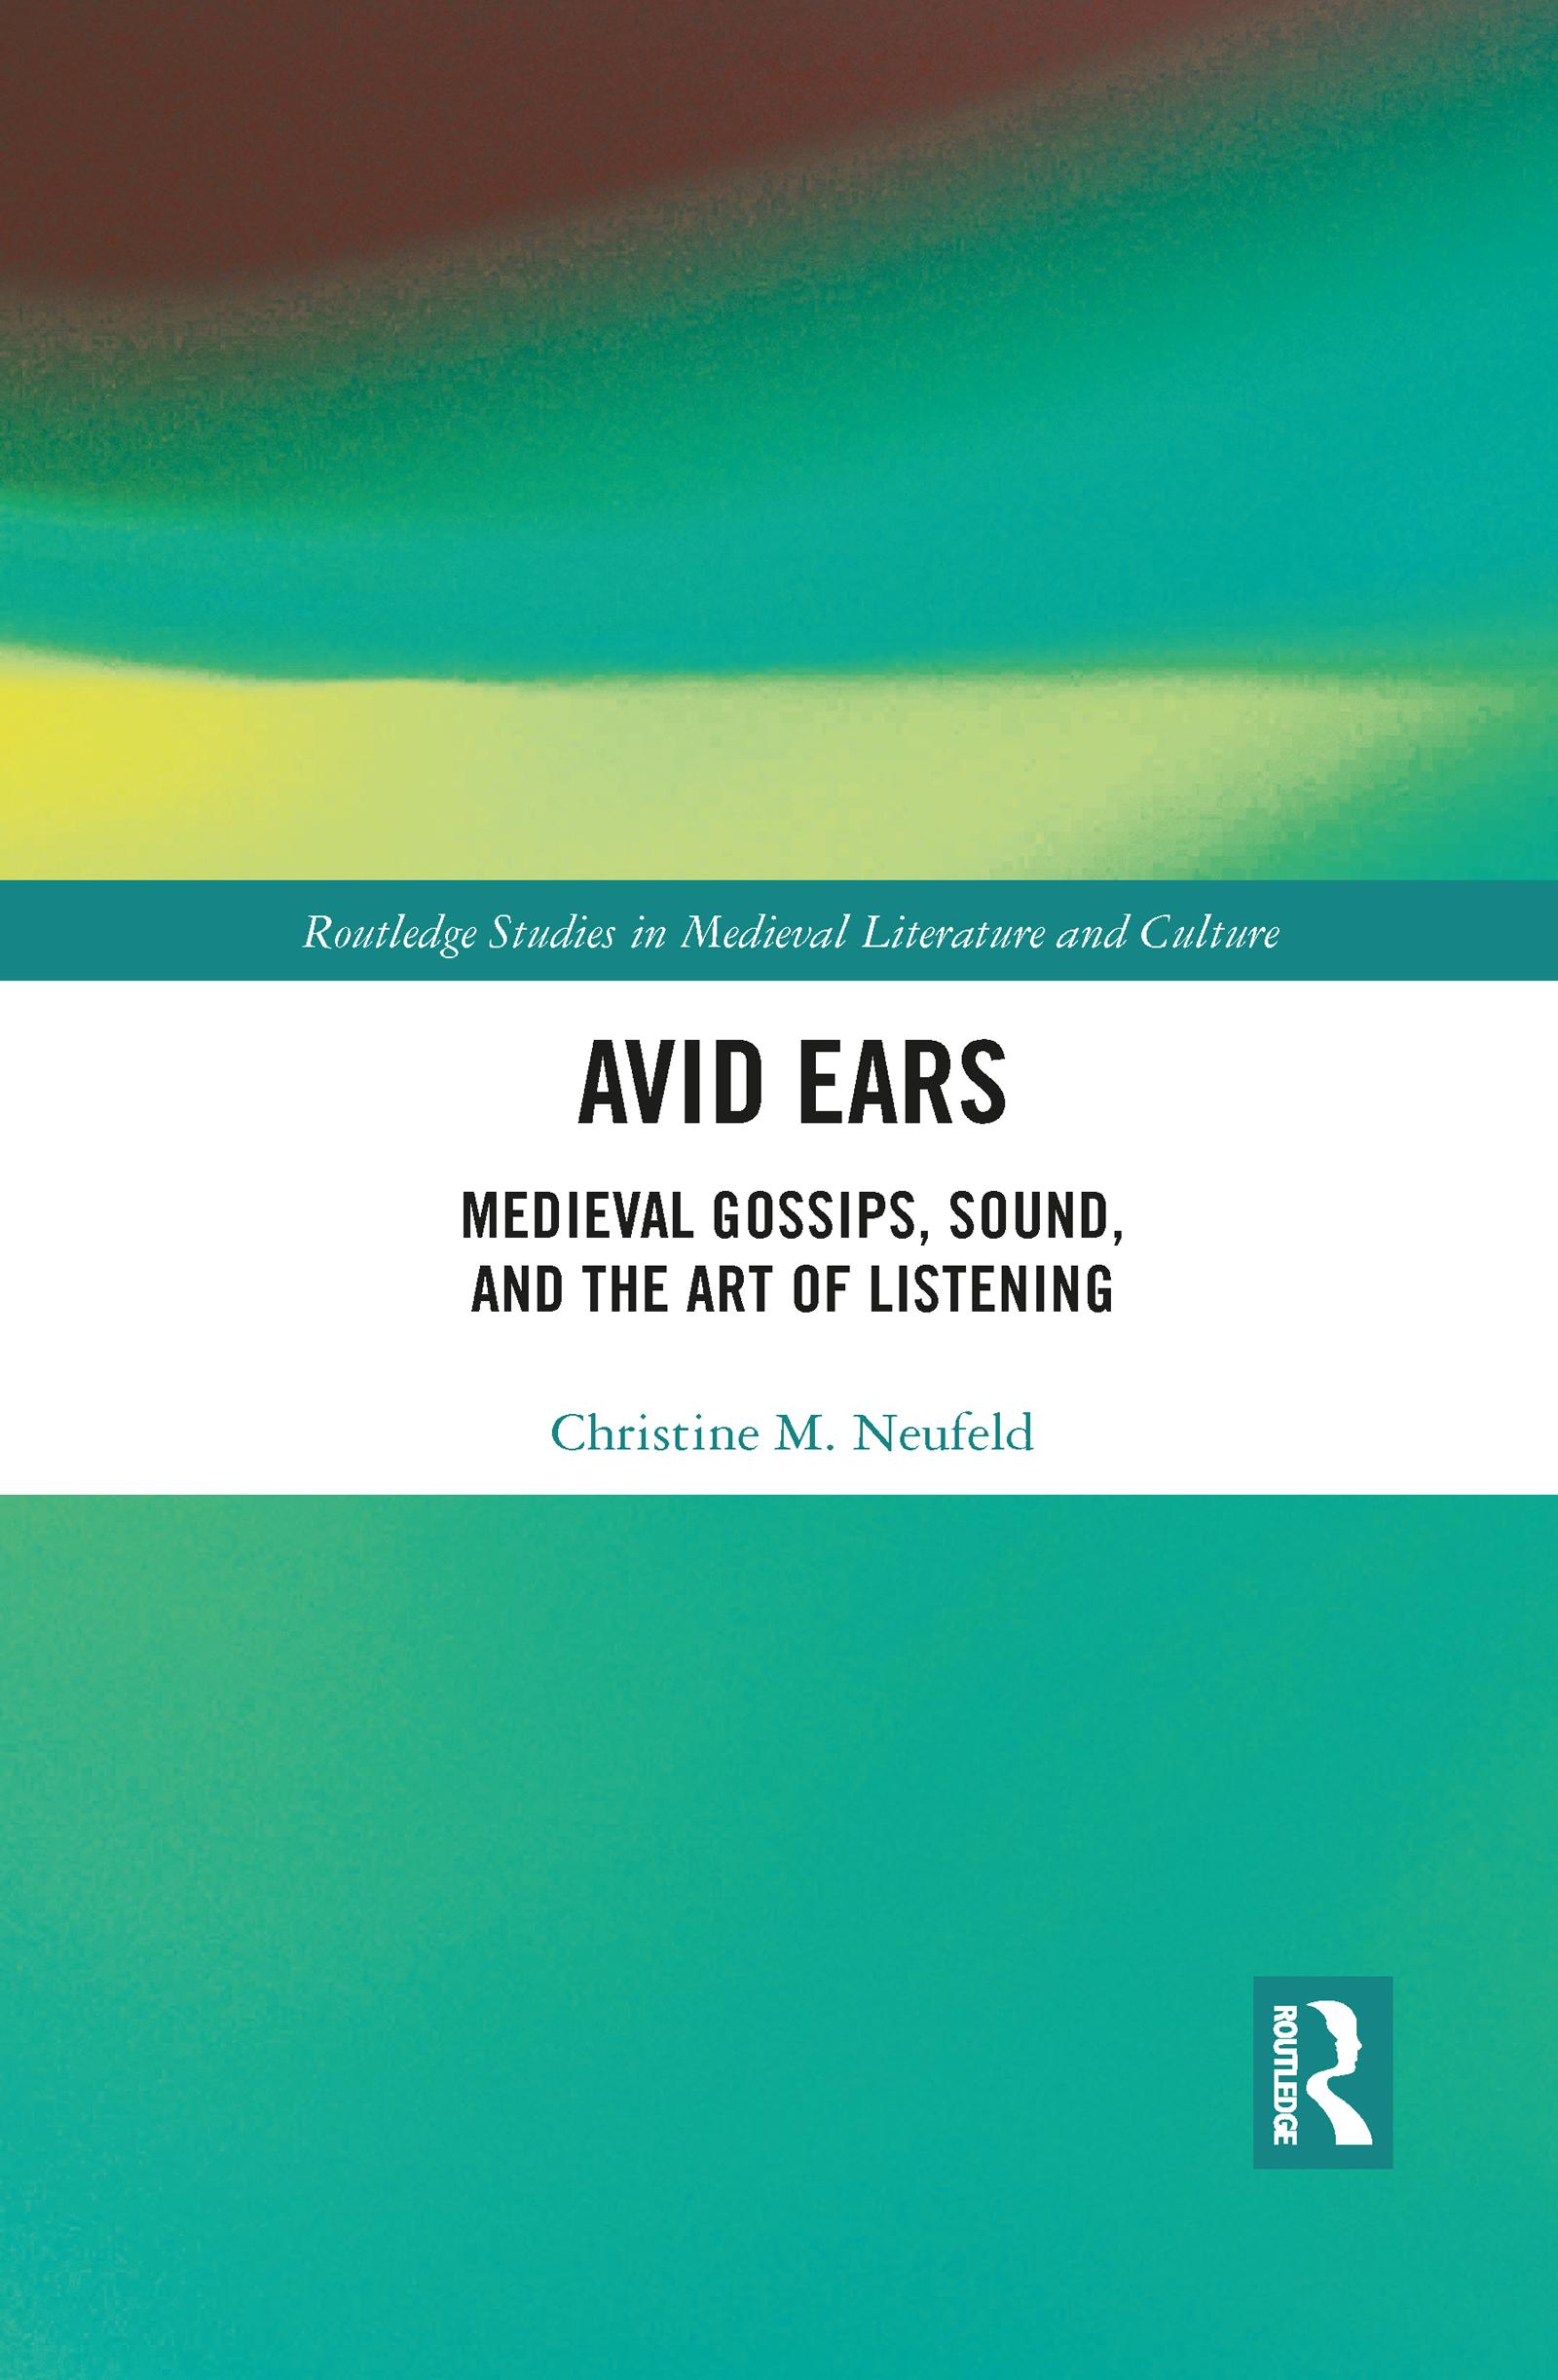 Avid Ears